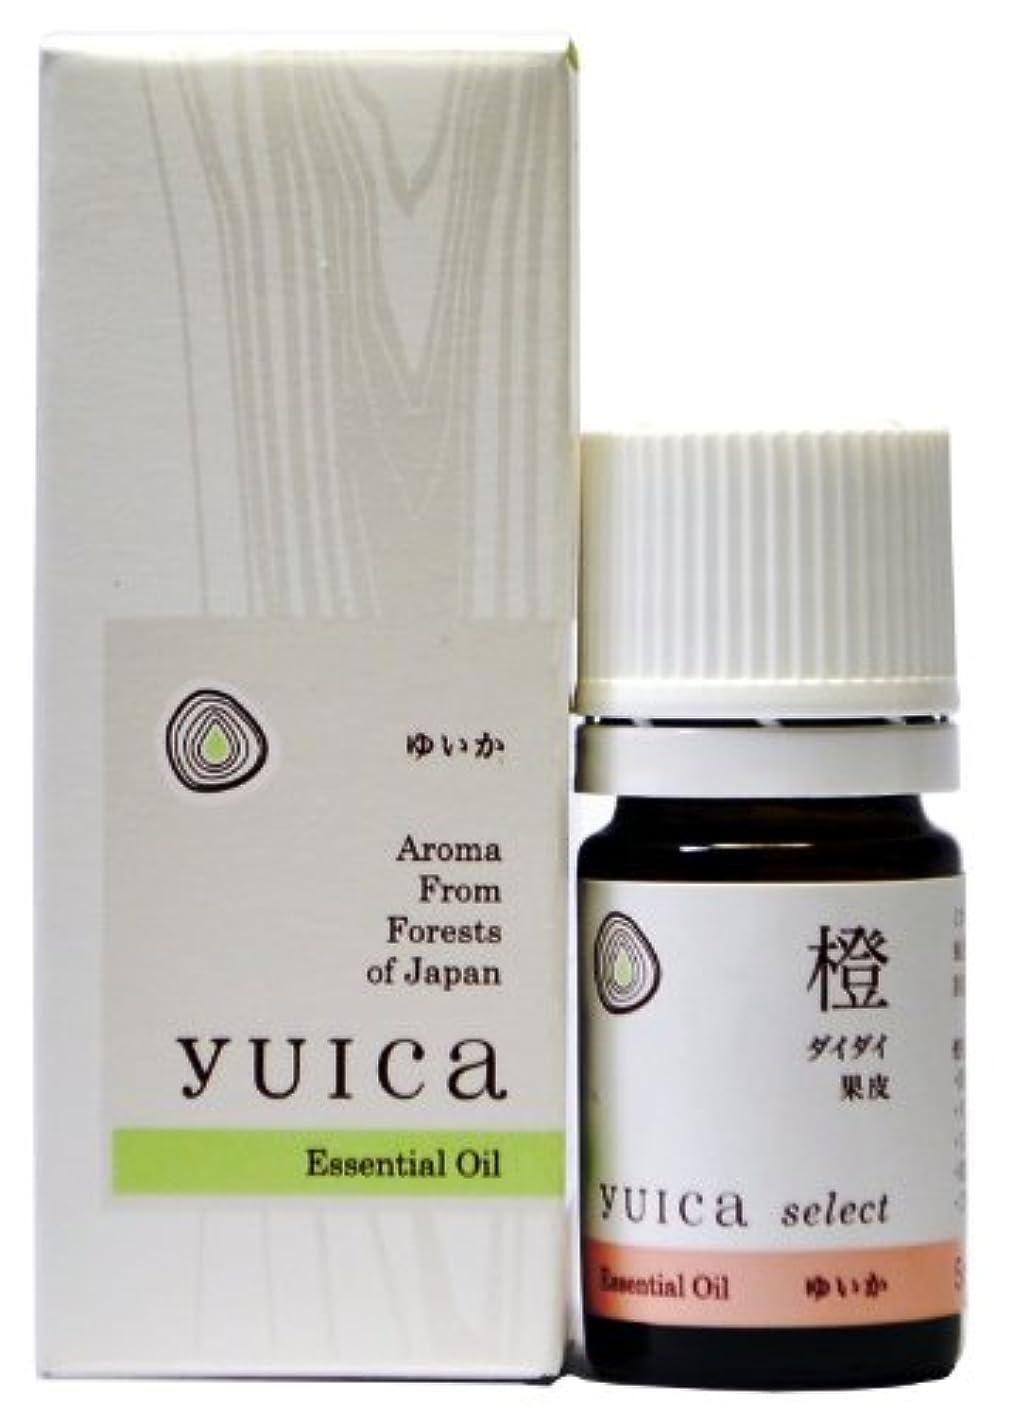 立方体ハード添加剤yuica select エッセンシャルオイル ダイダイ(果皮部) 5mL